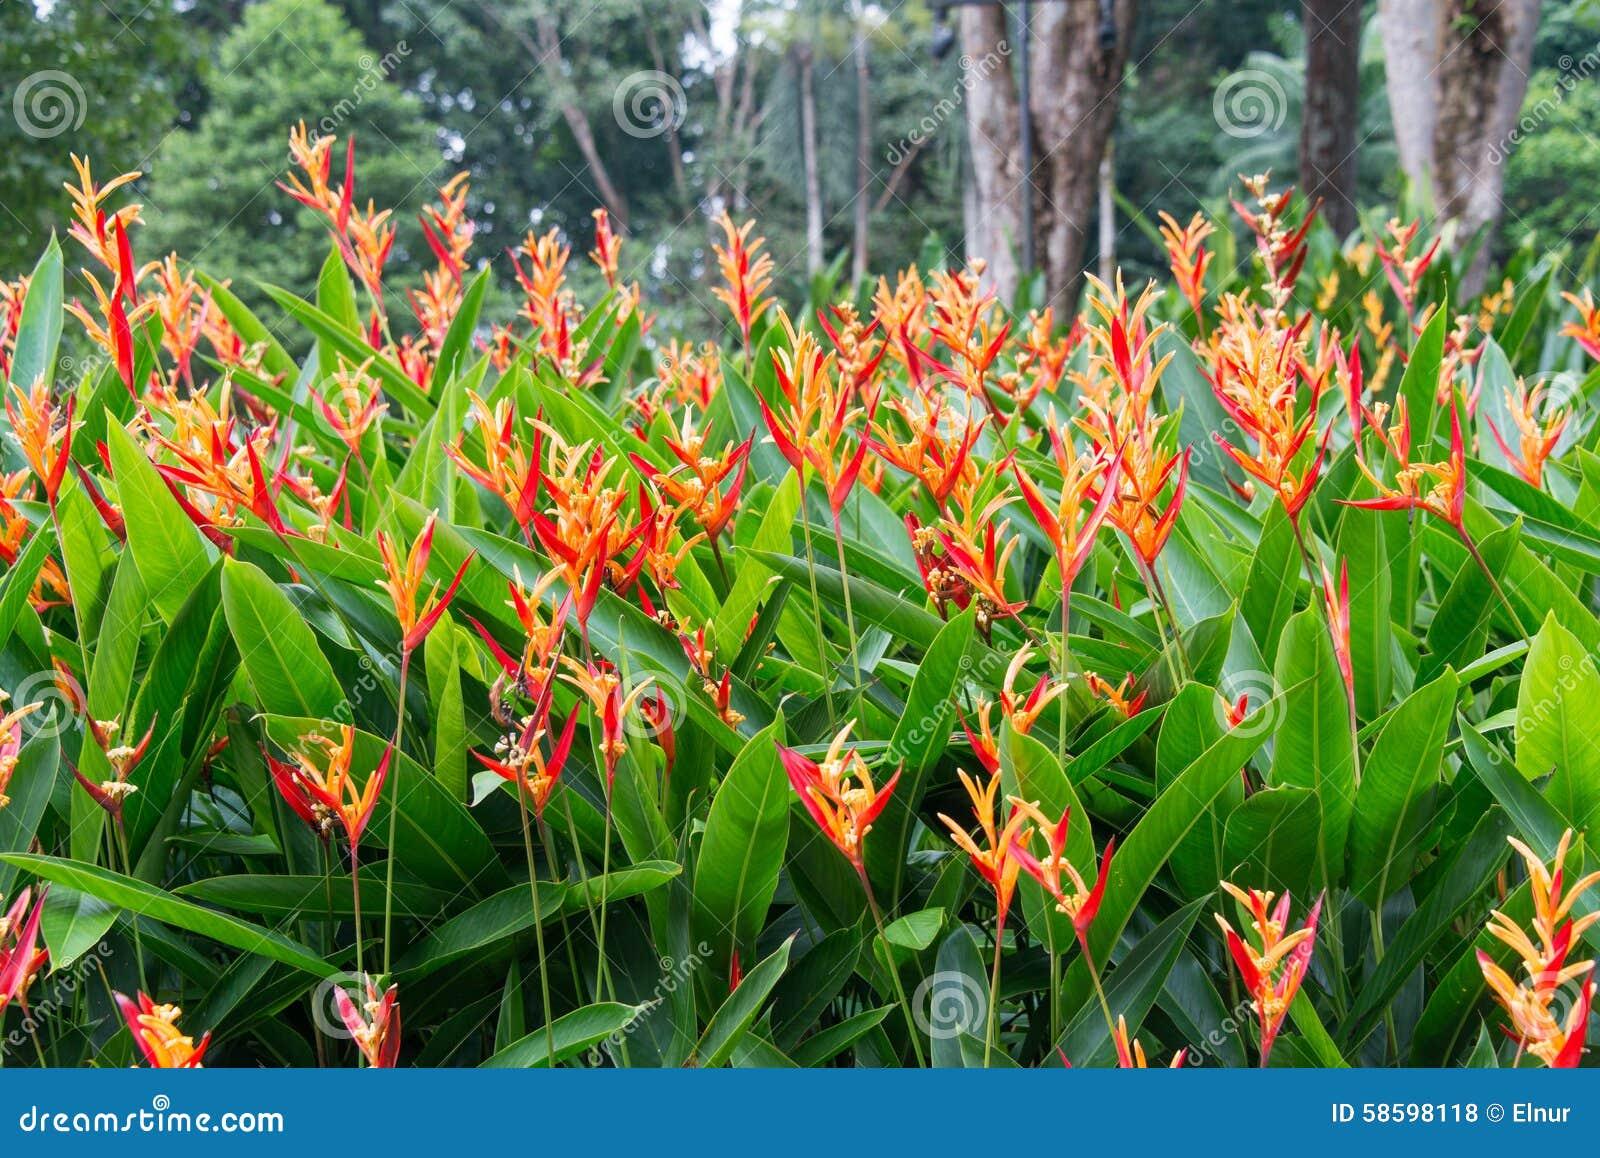 Heliconia La Planta Preferida En Jardines Tropicales Y: Heliconia Flowers In The Garden Stock Photo